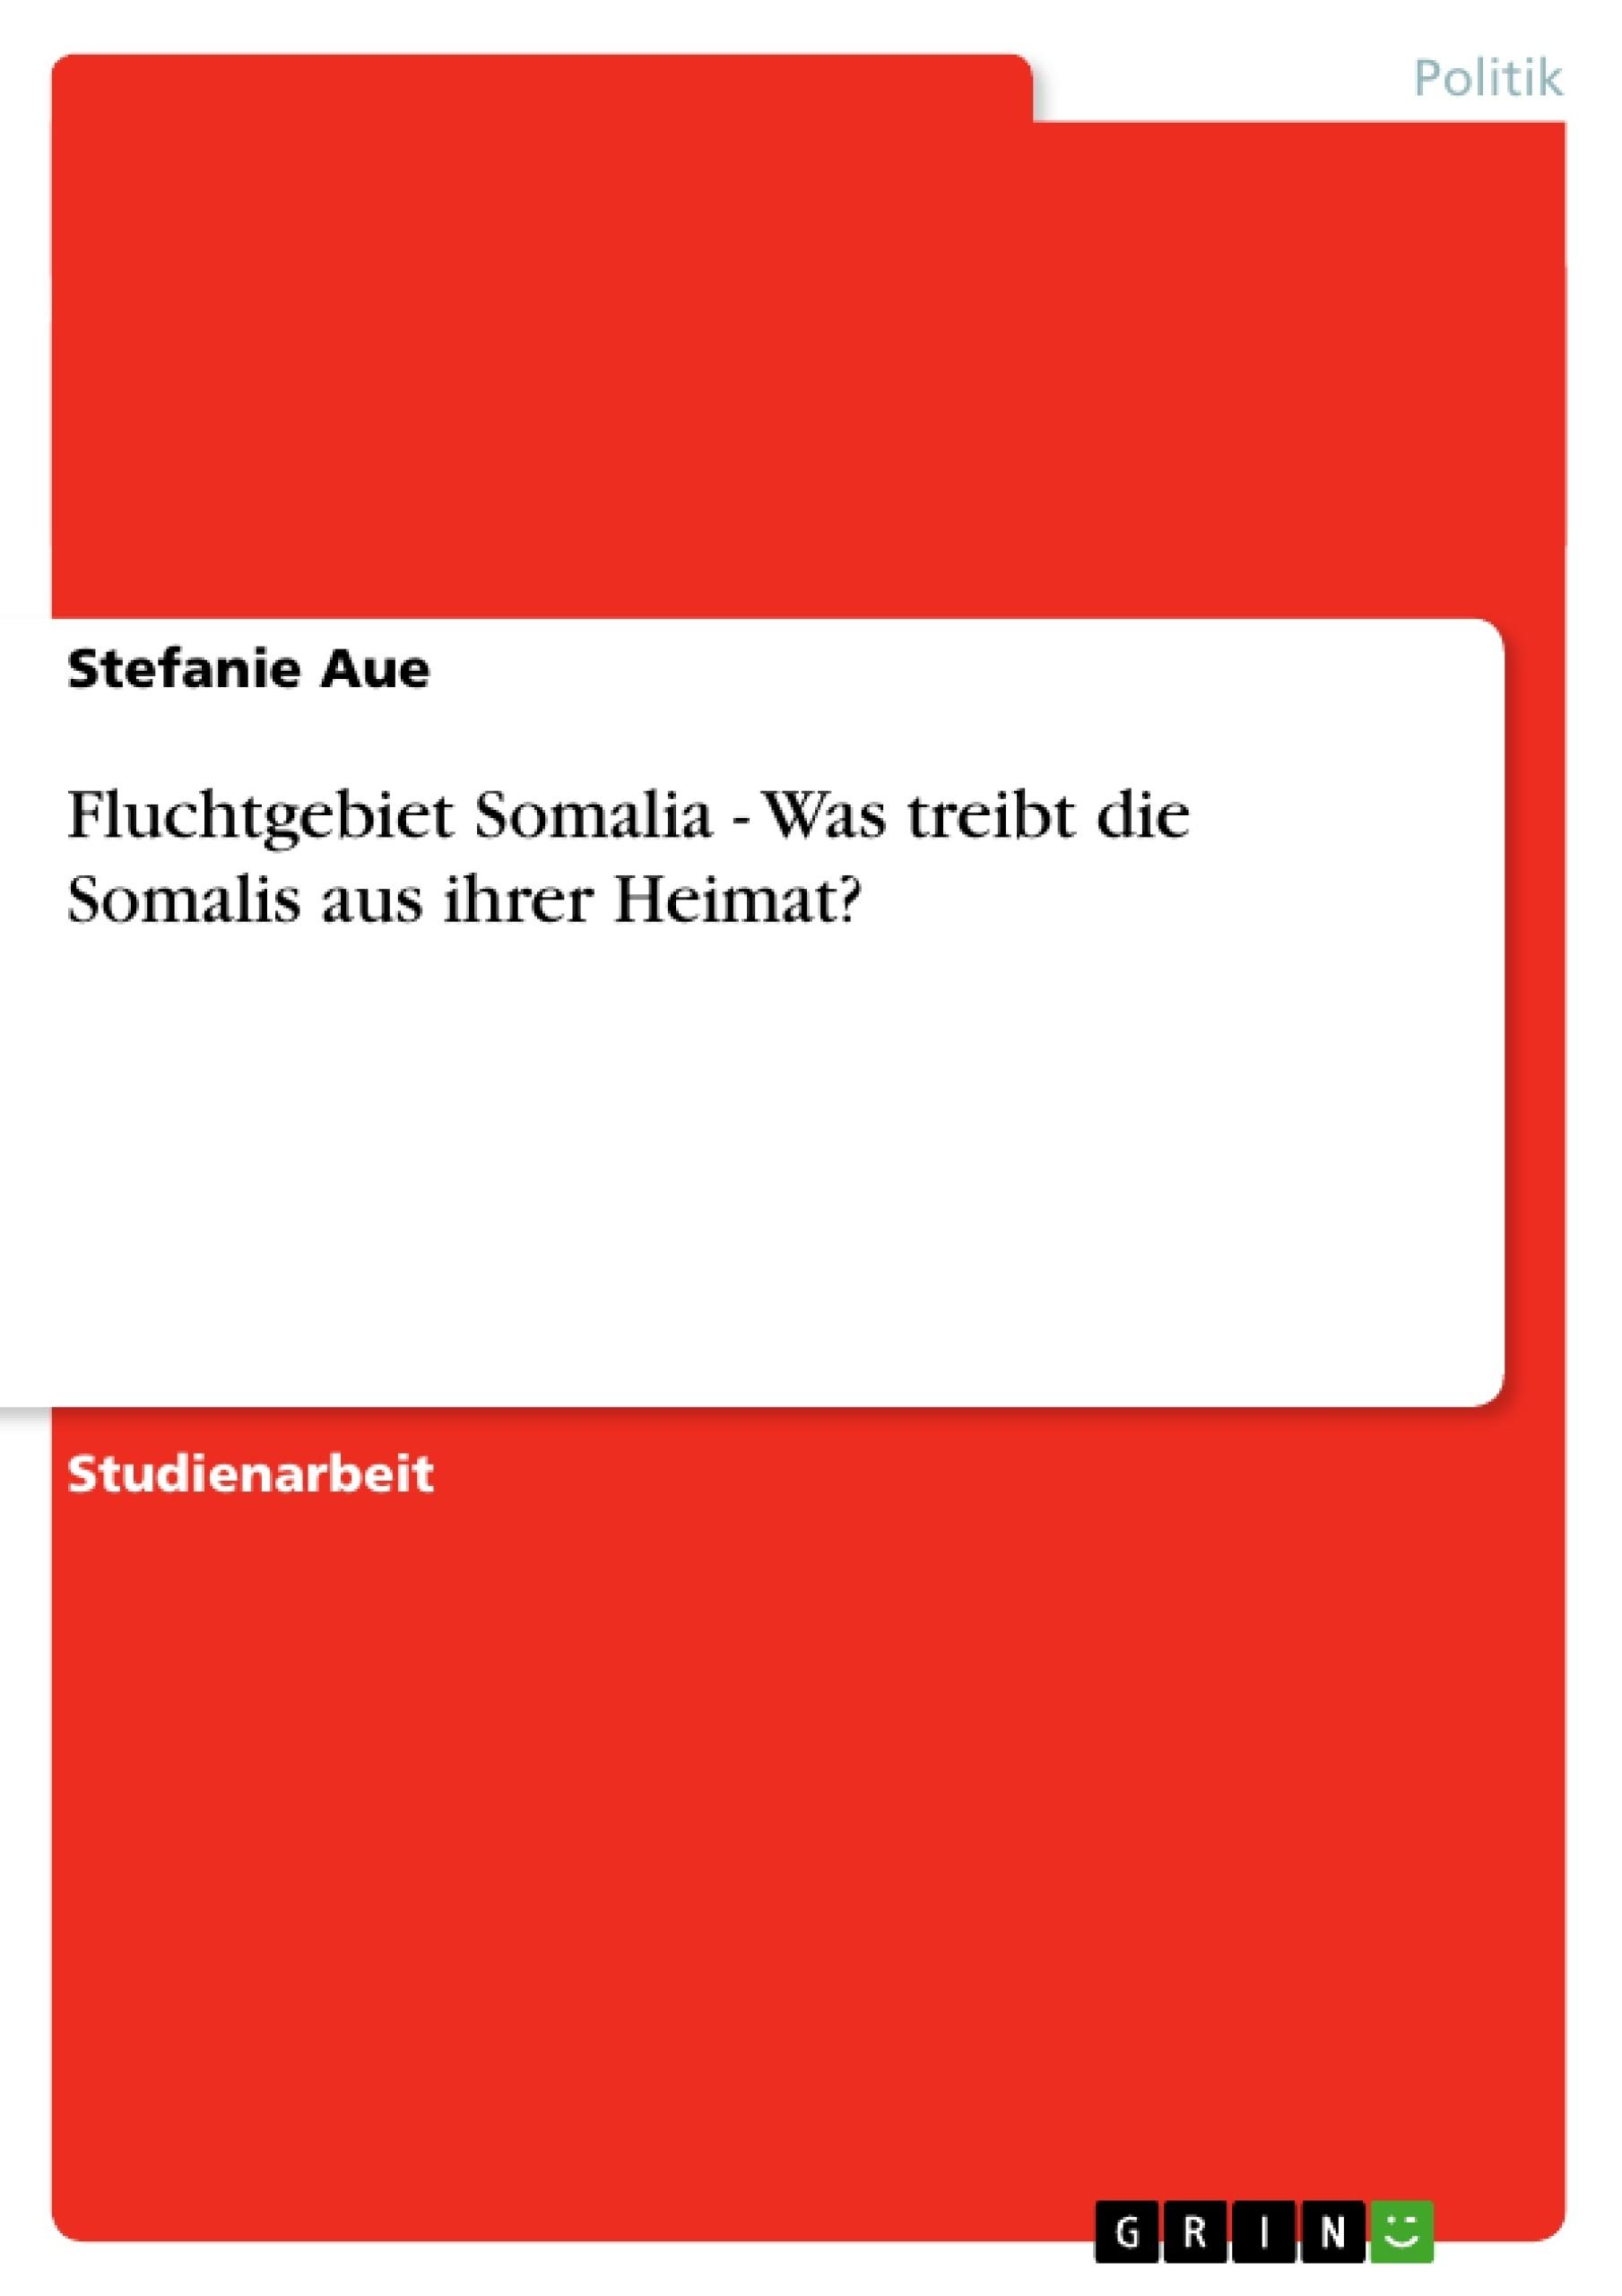 Titel: Fluchtgebiet Somalia - Was treibt die Somalis aus ihrer Heimat?